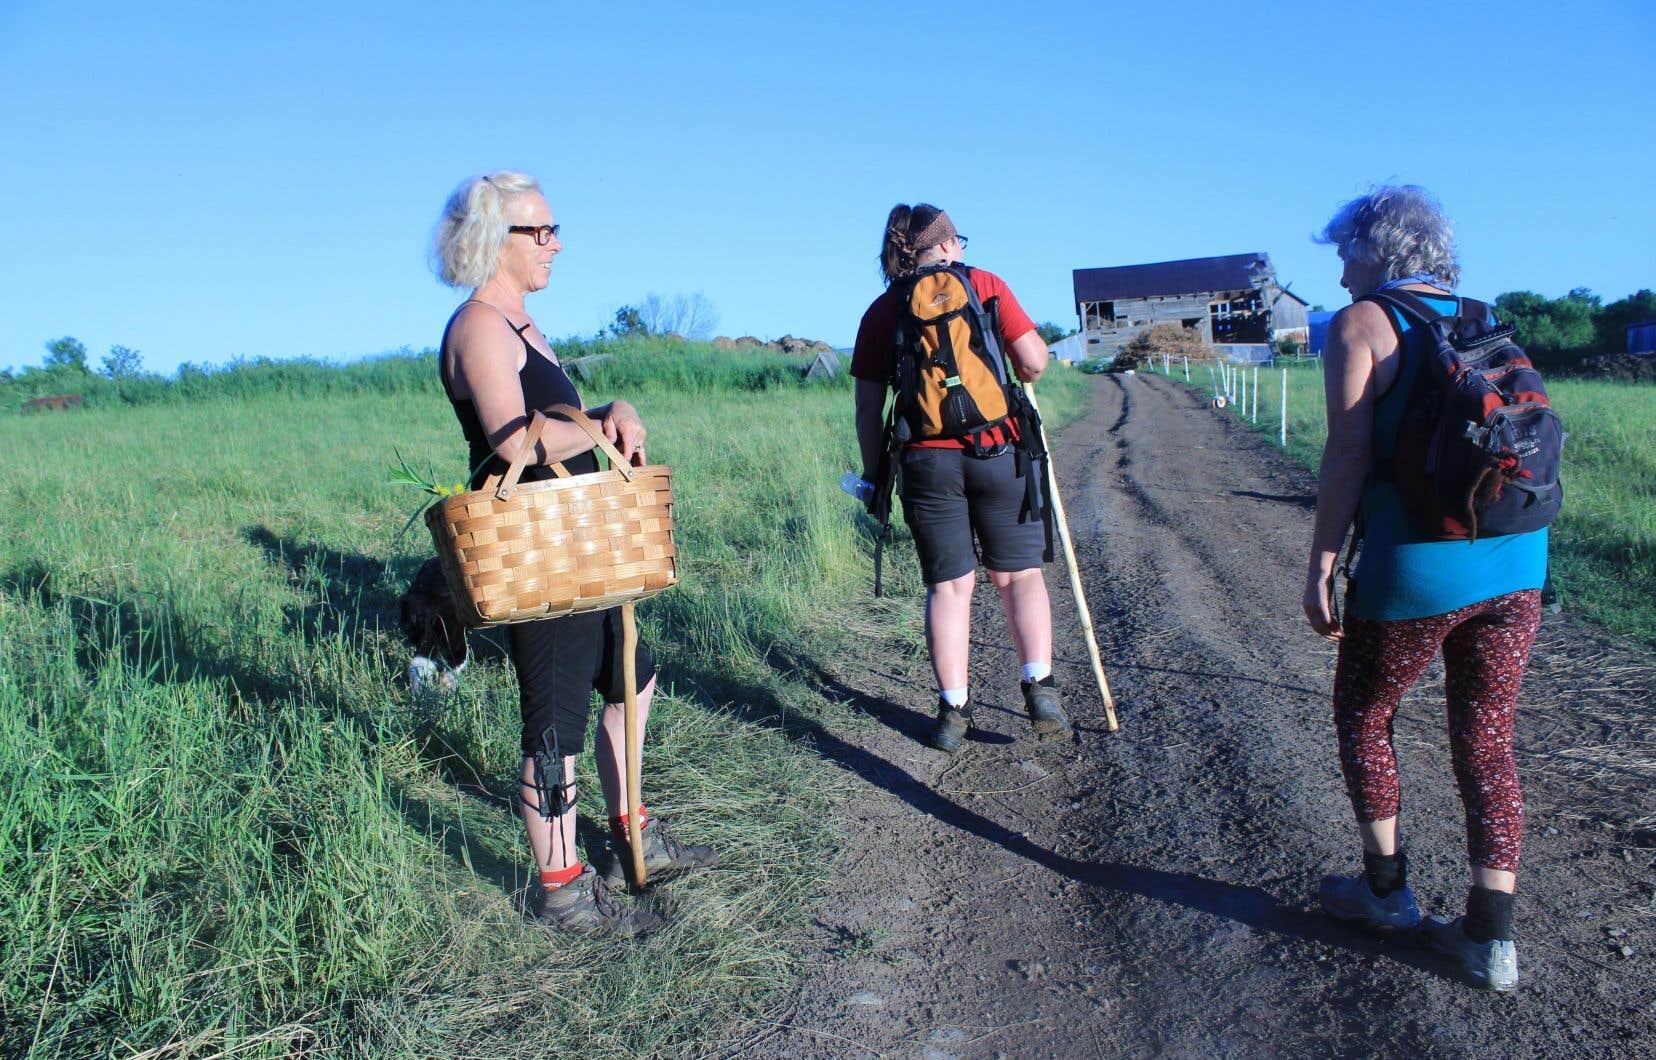 La cueilleuse chevronnée Ruthie Cummings, à gauche, et des chasseuses de denrées sauvages